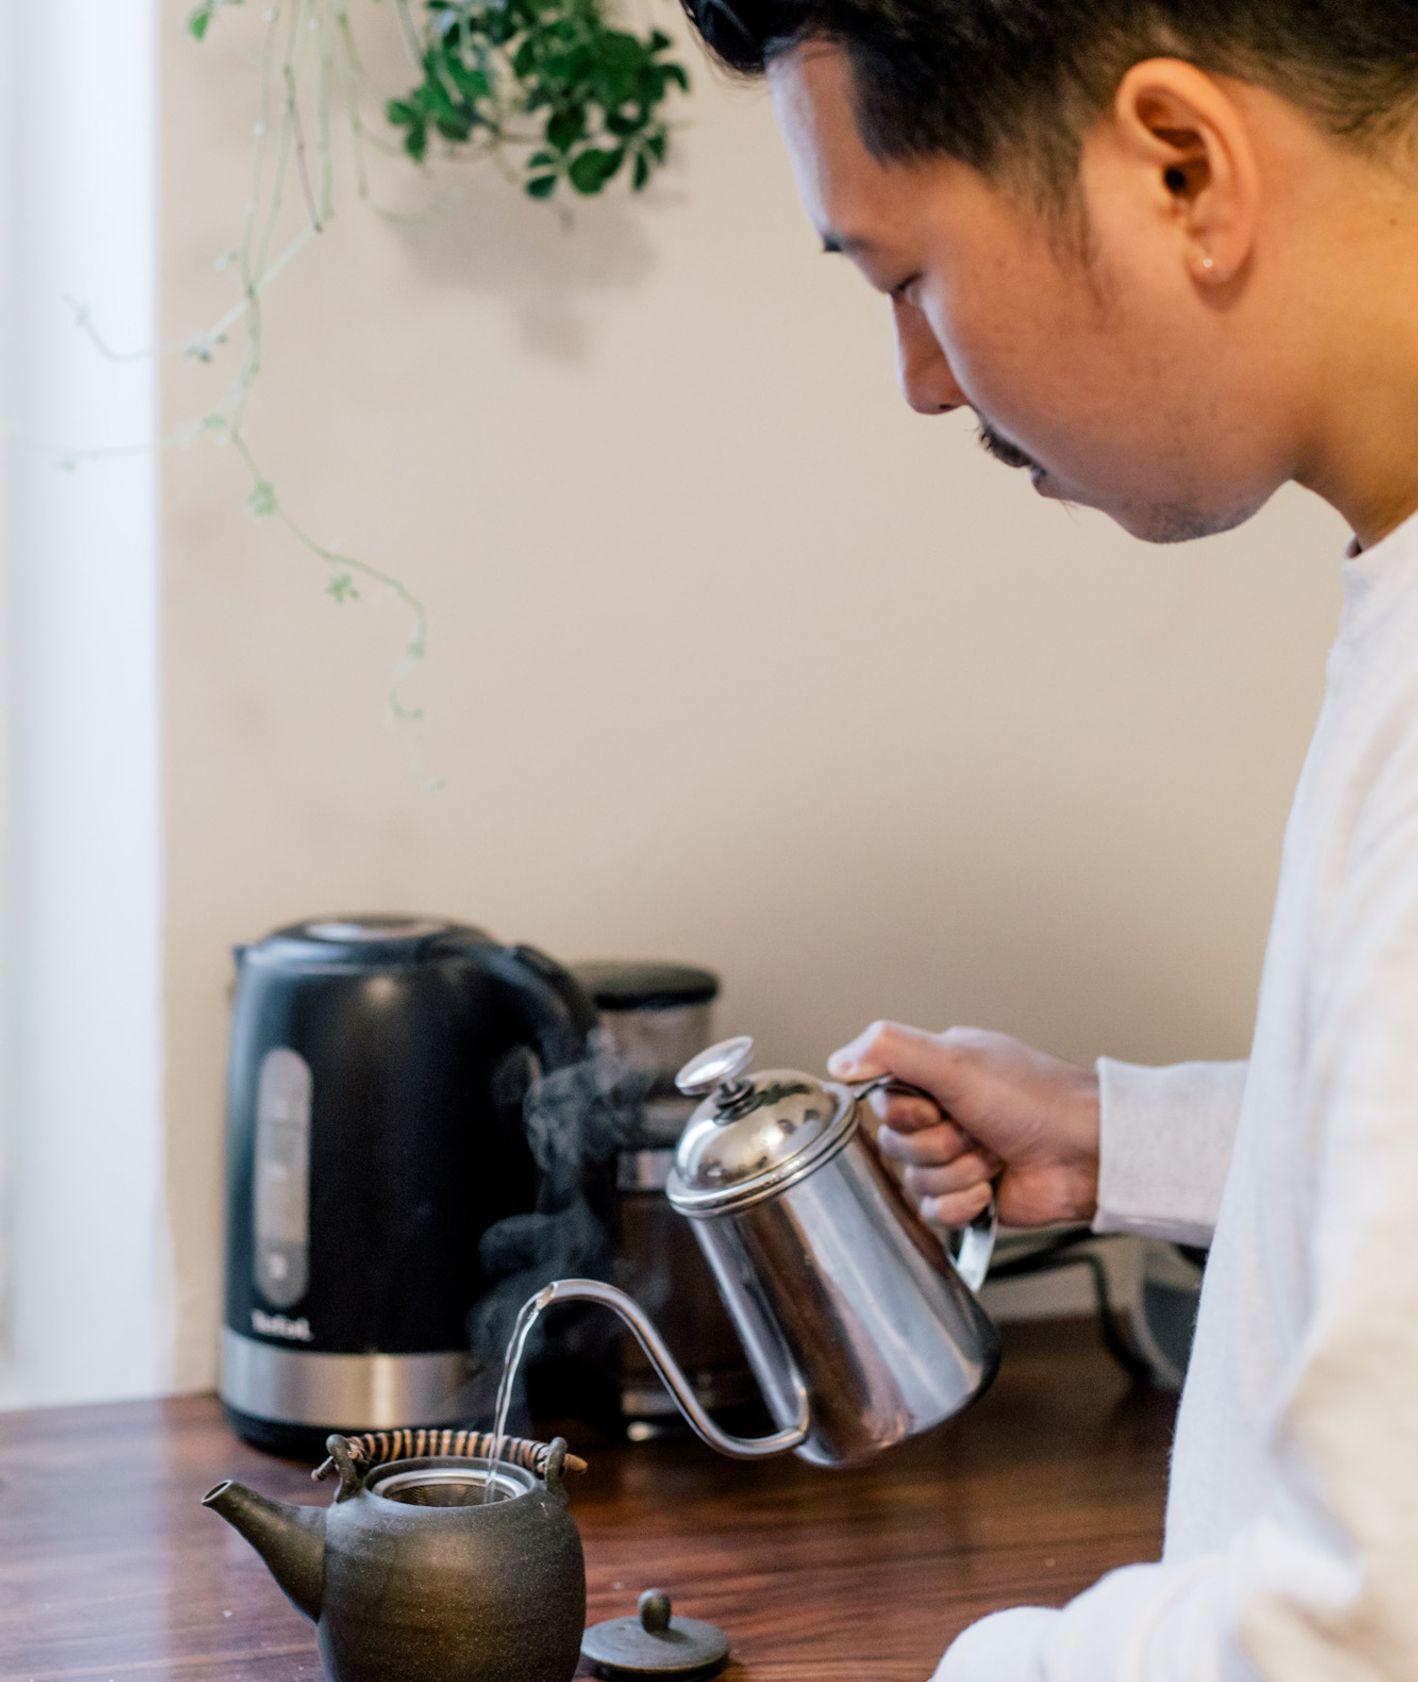 5 minut w kuchni - Shota Nakayama, wywiad z szefem kuchni Happa to Mame ( Michał Lichtański / mili.studio )